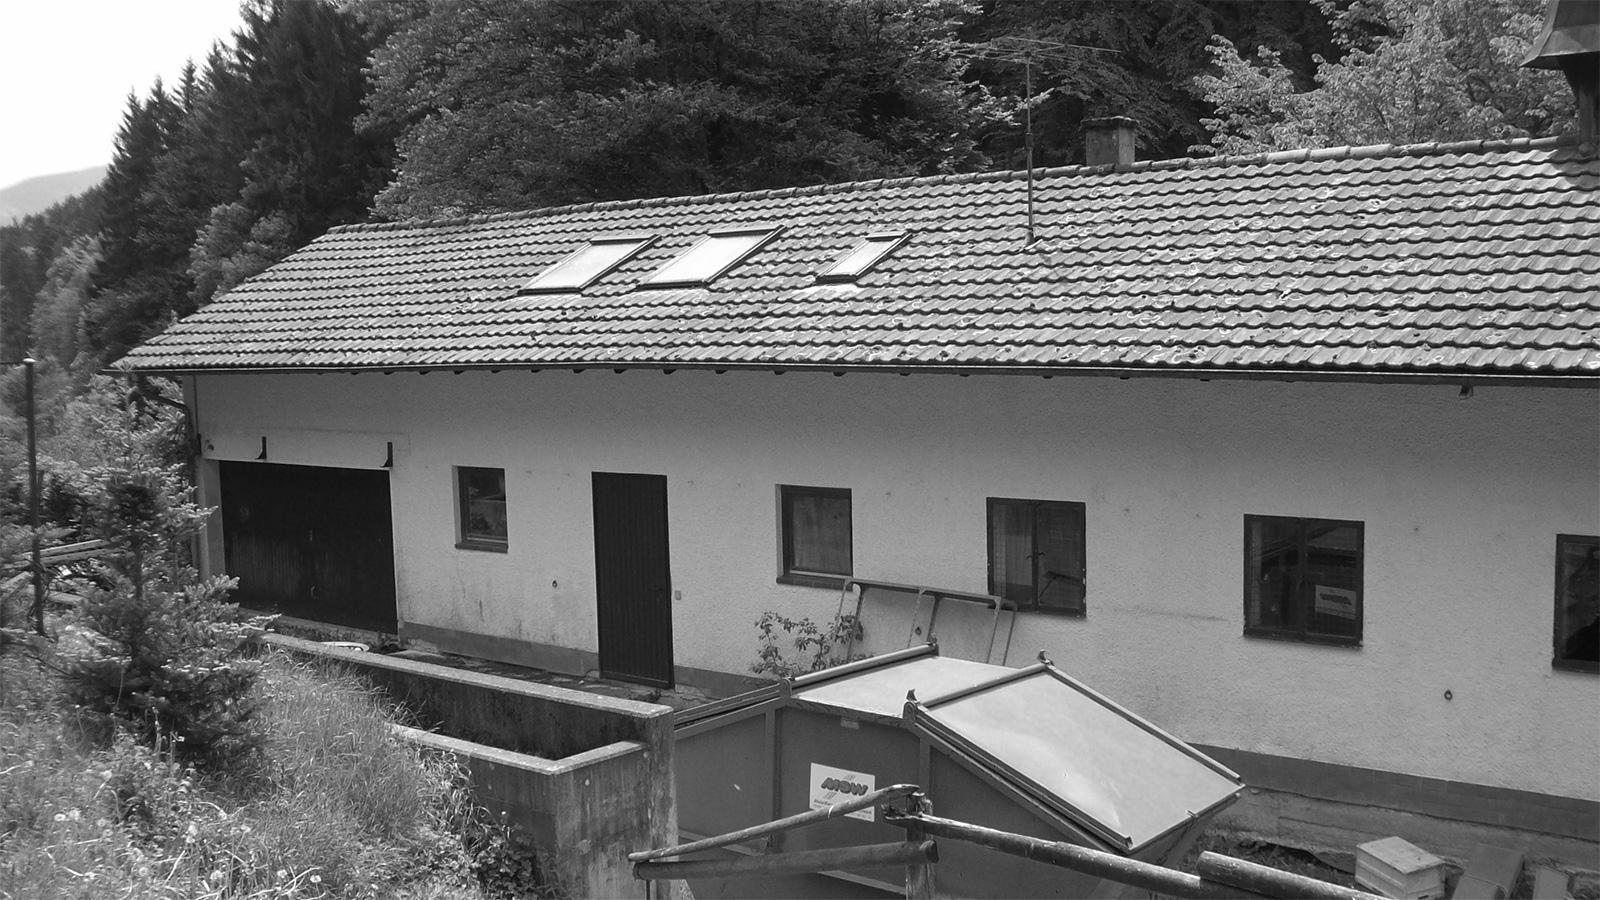 Stocker Dewes Architekten BDA – Wohngebäudemit Büro, Bestand, Freiburg im Breisgau